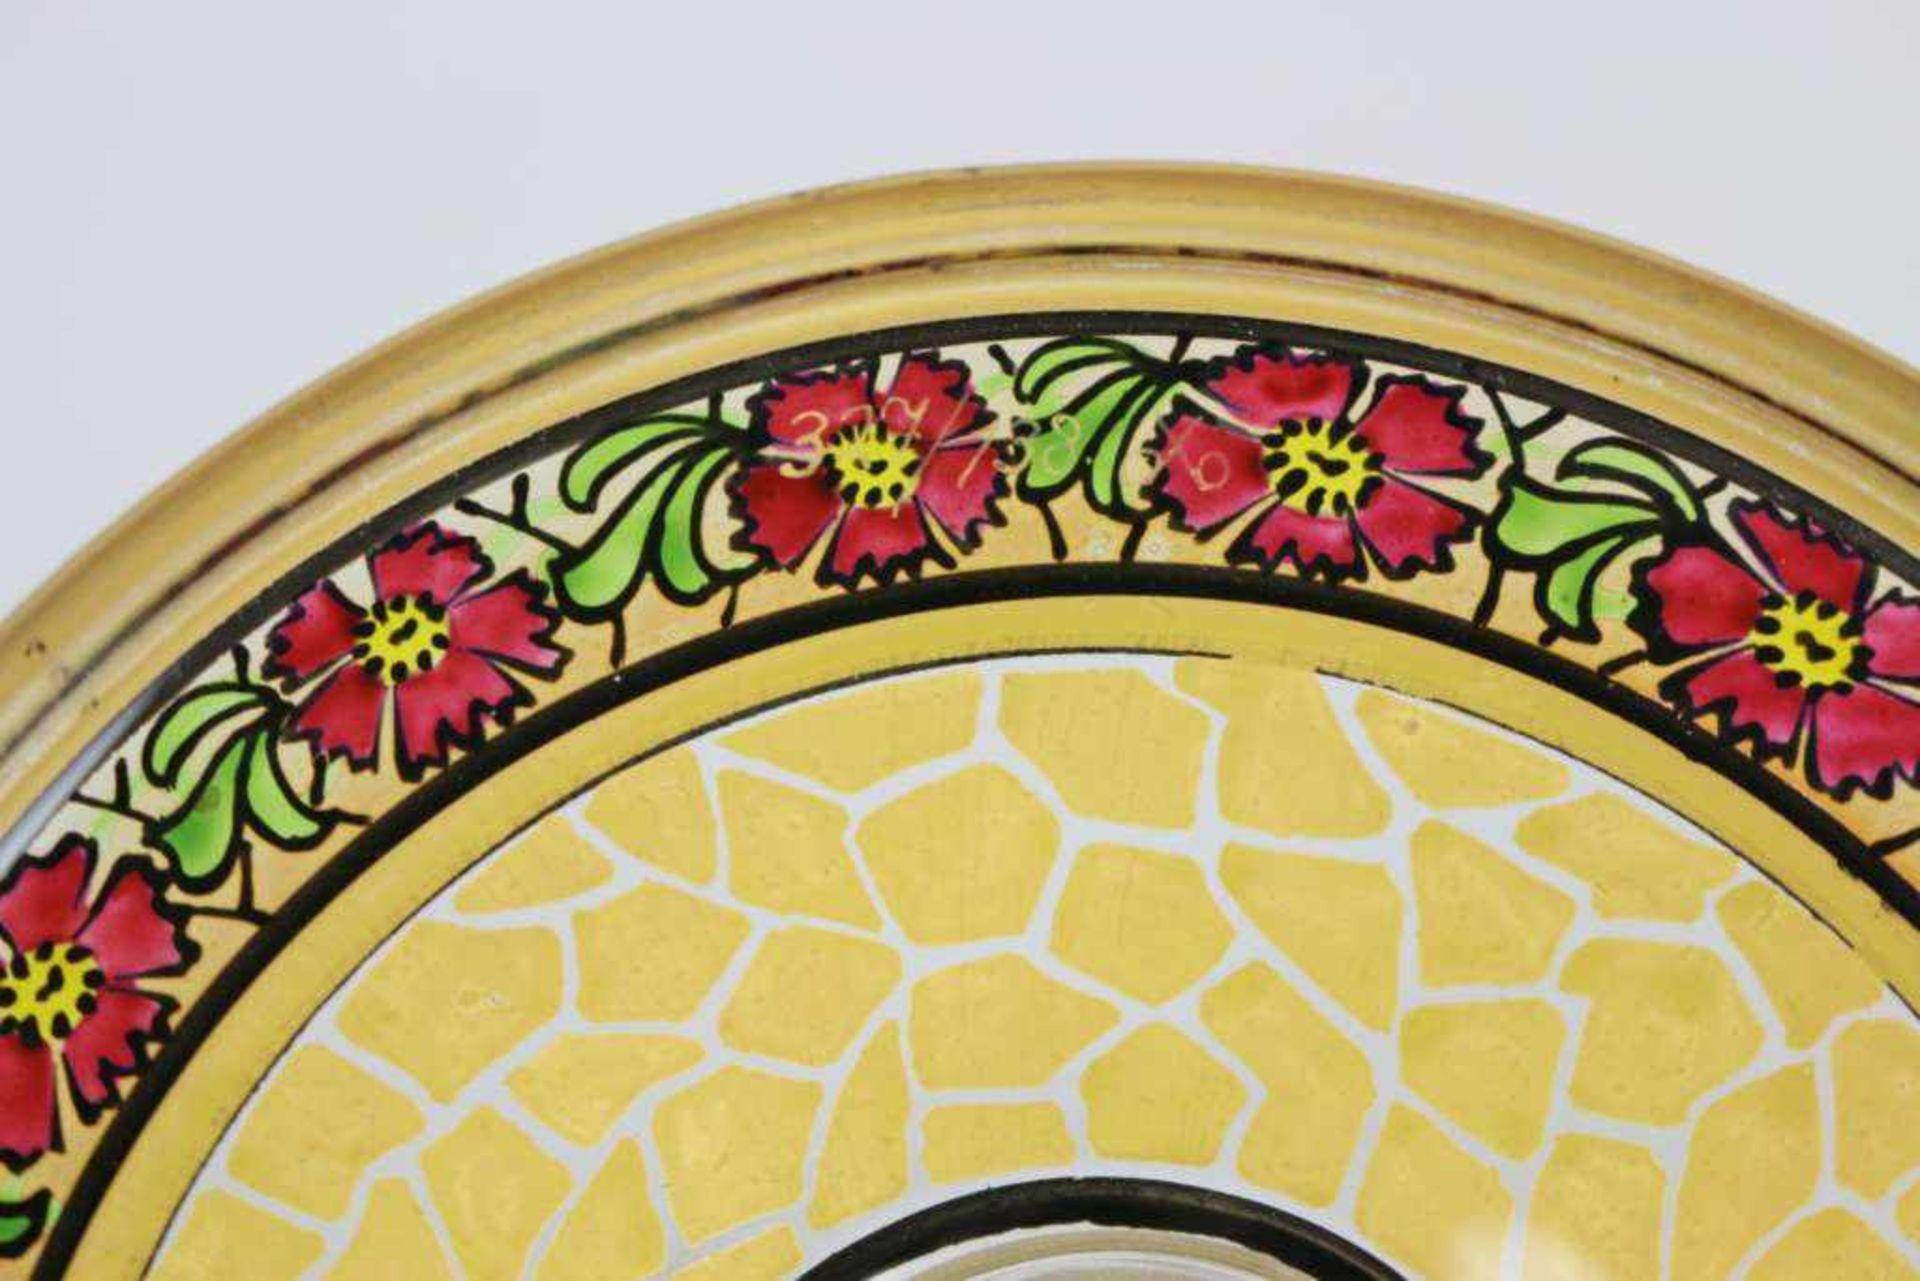 Glaspokal, Julius Mühlhaus & Co, Haida, Goldauflage mit in gerahmten Medaillons eingefügten - Bild 2 aus 2